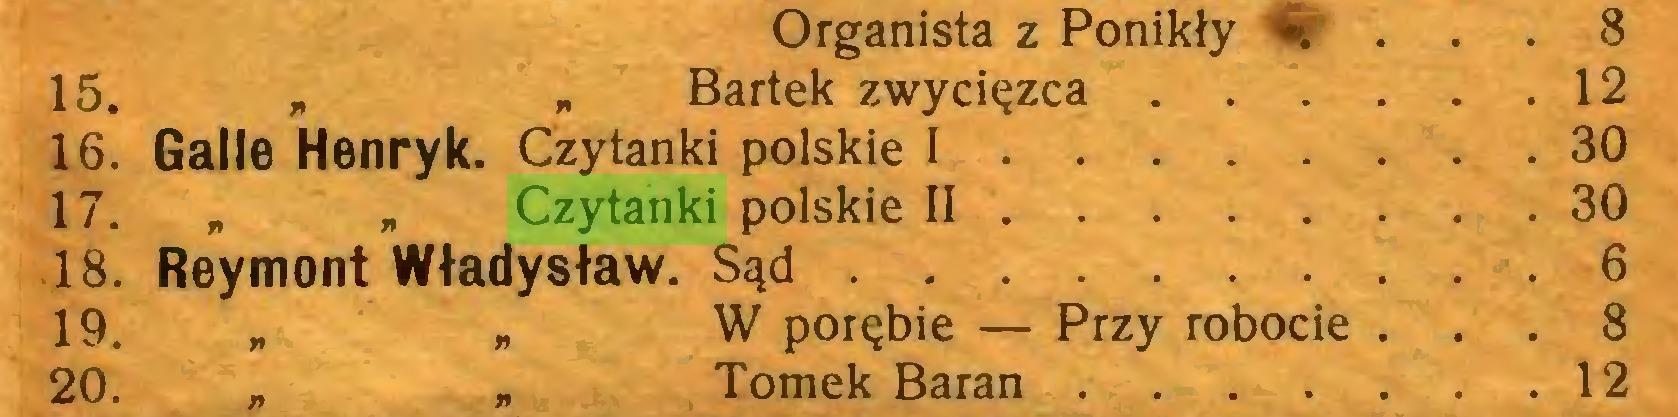 """(...) Organista z Ponikły ». . . . 8 15. * """" Bartek zwycięzca 12 16. Galie Henryk. Czytanki polskie I 30 17. """" """" Czytanki polskie II 30 18. Reymont Władysław. Sąd 6 19. """" * W porębie — Przy robocie ... 8 20. """" * Tomek Baran 12..."""